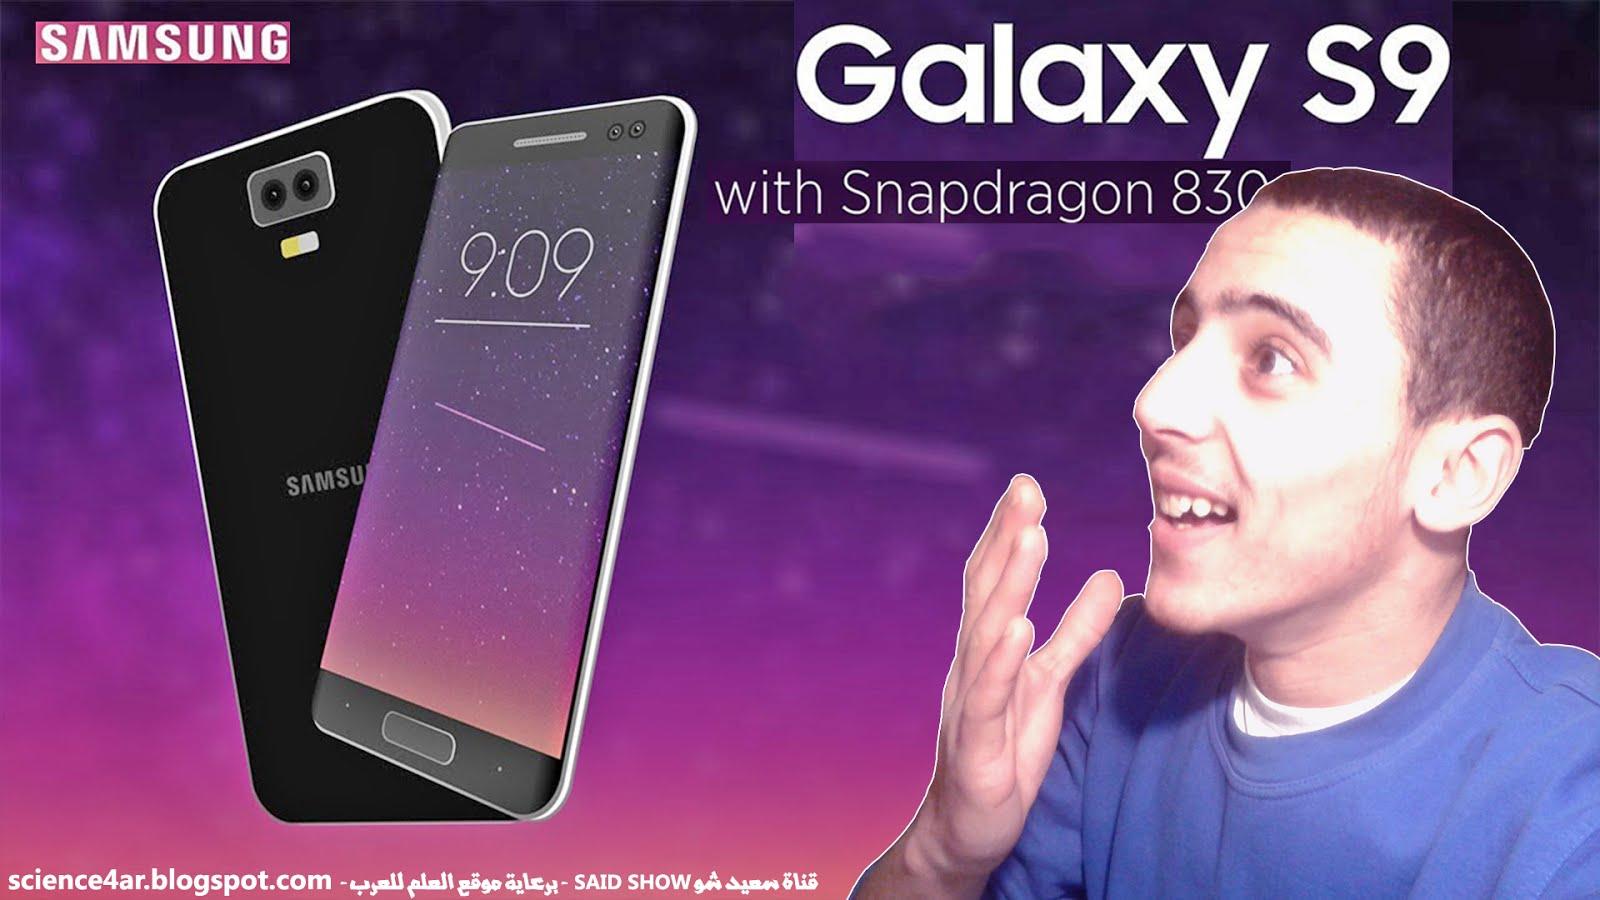 مواصفات مذهلة في غالاكسي Samsung Galaxy S9 / S9+ لا تُفوتها